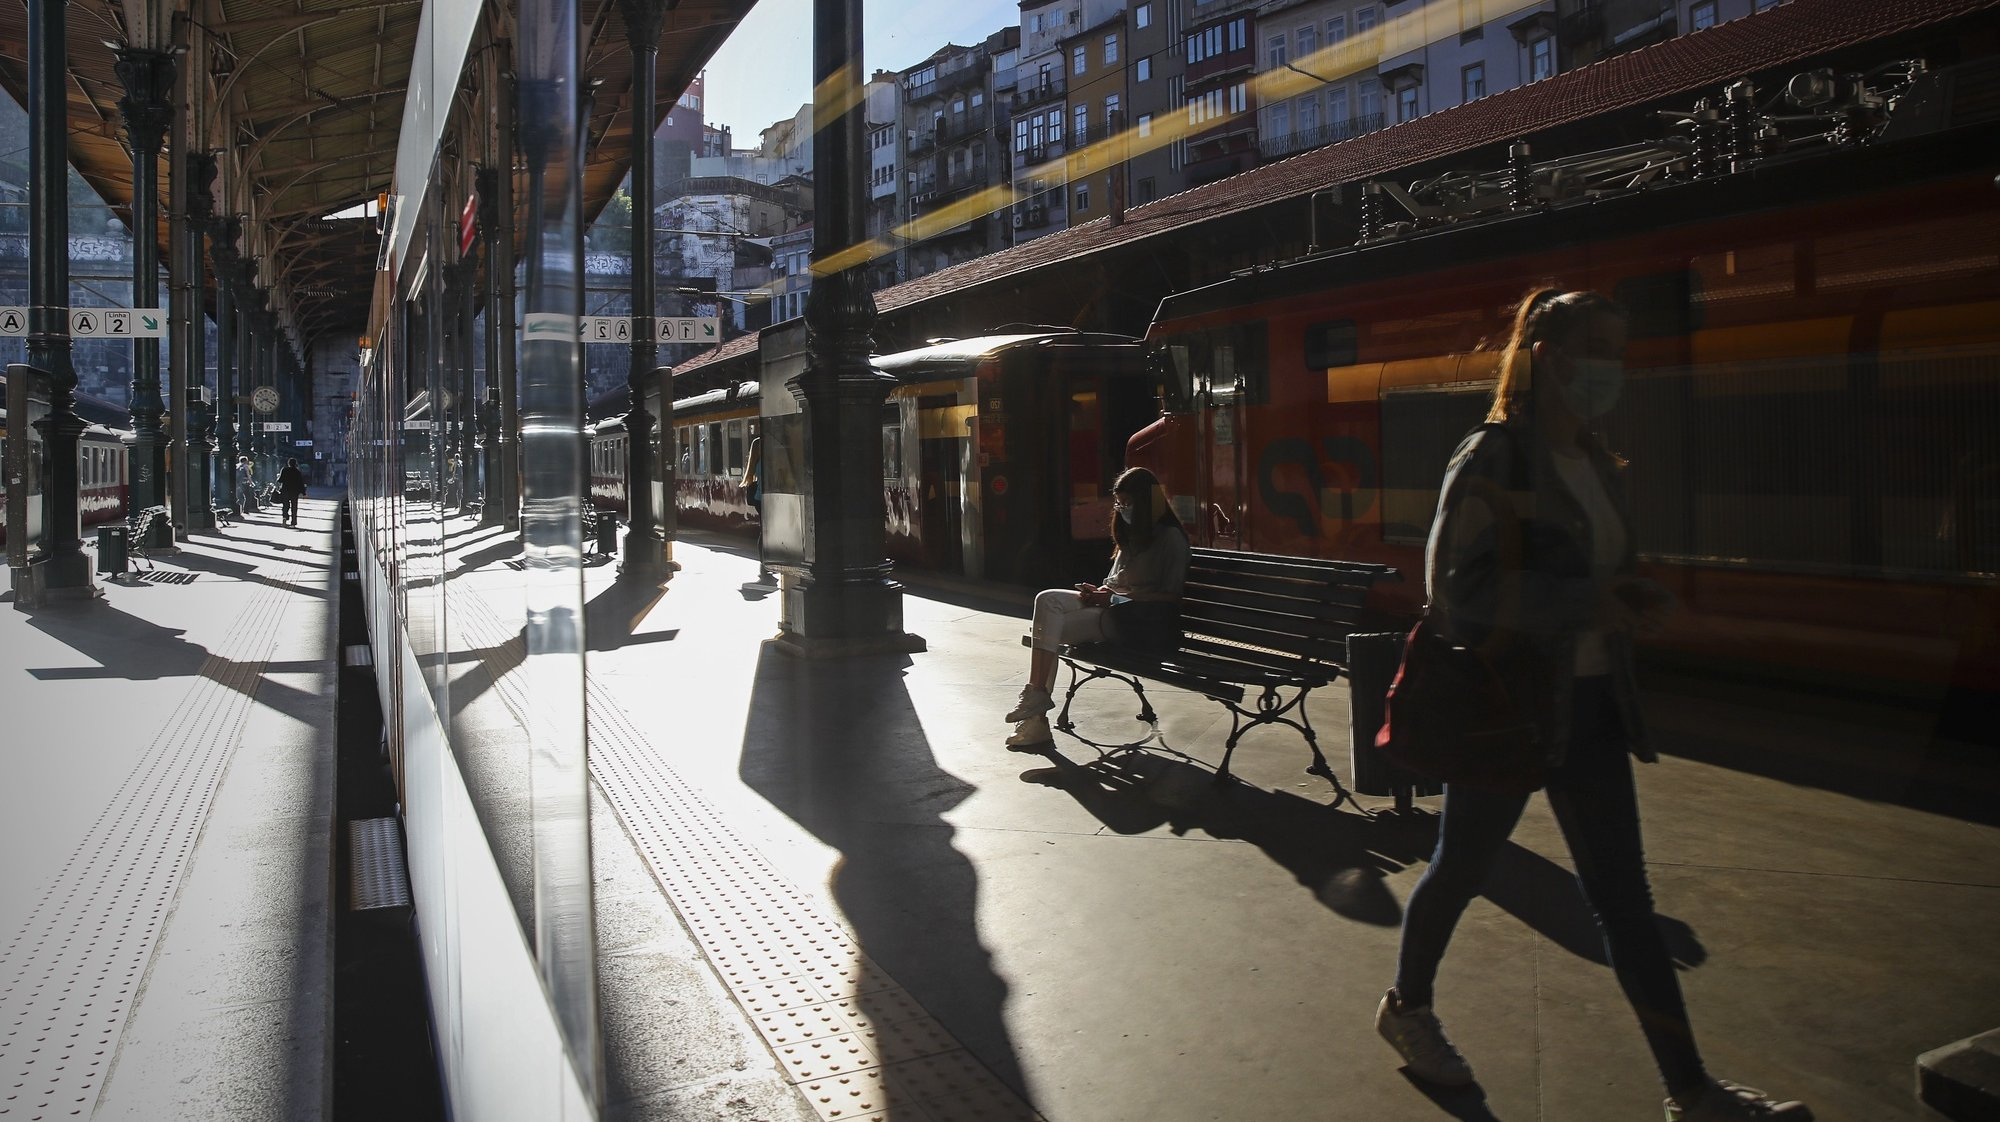 Estação de São Bento no Porto em mais um dia de greve nacional da CP – Comboios de Portugal, 25  de junho de 2021. Convocada pelo Sindicato Nacional dos Trabalhadores do Setor Ferroviário (SNTSF) e pela Federação dos Sindicatos dos Transportes e Comunicações (Fectrans), pelo aumento geral dos salários.JOSÉ COELHO/LUSA